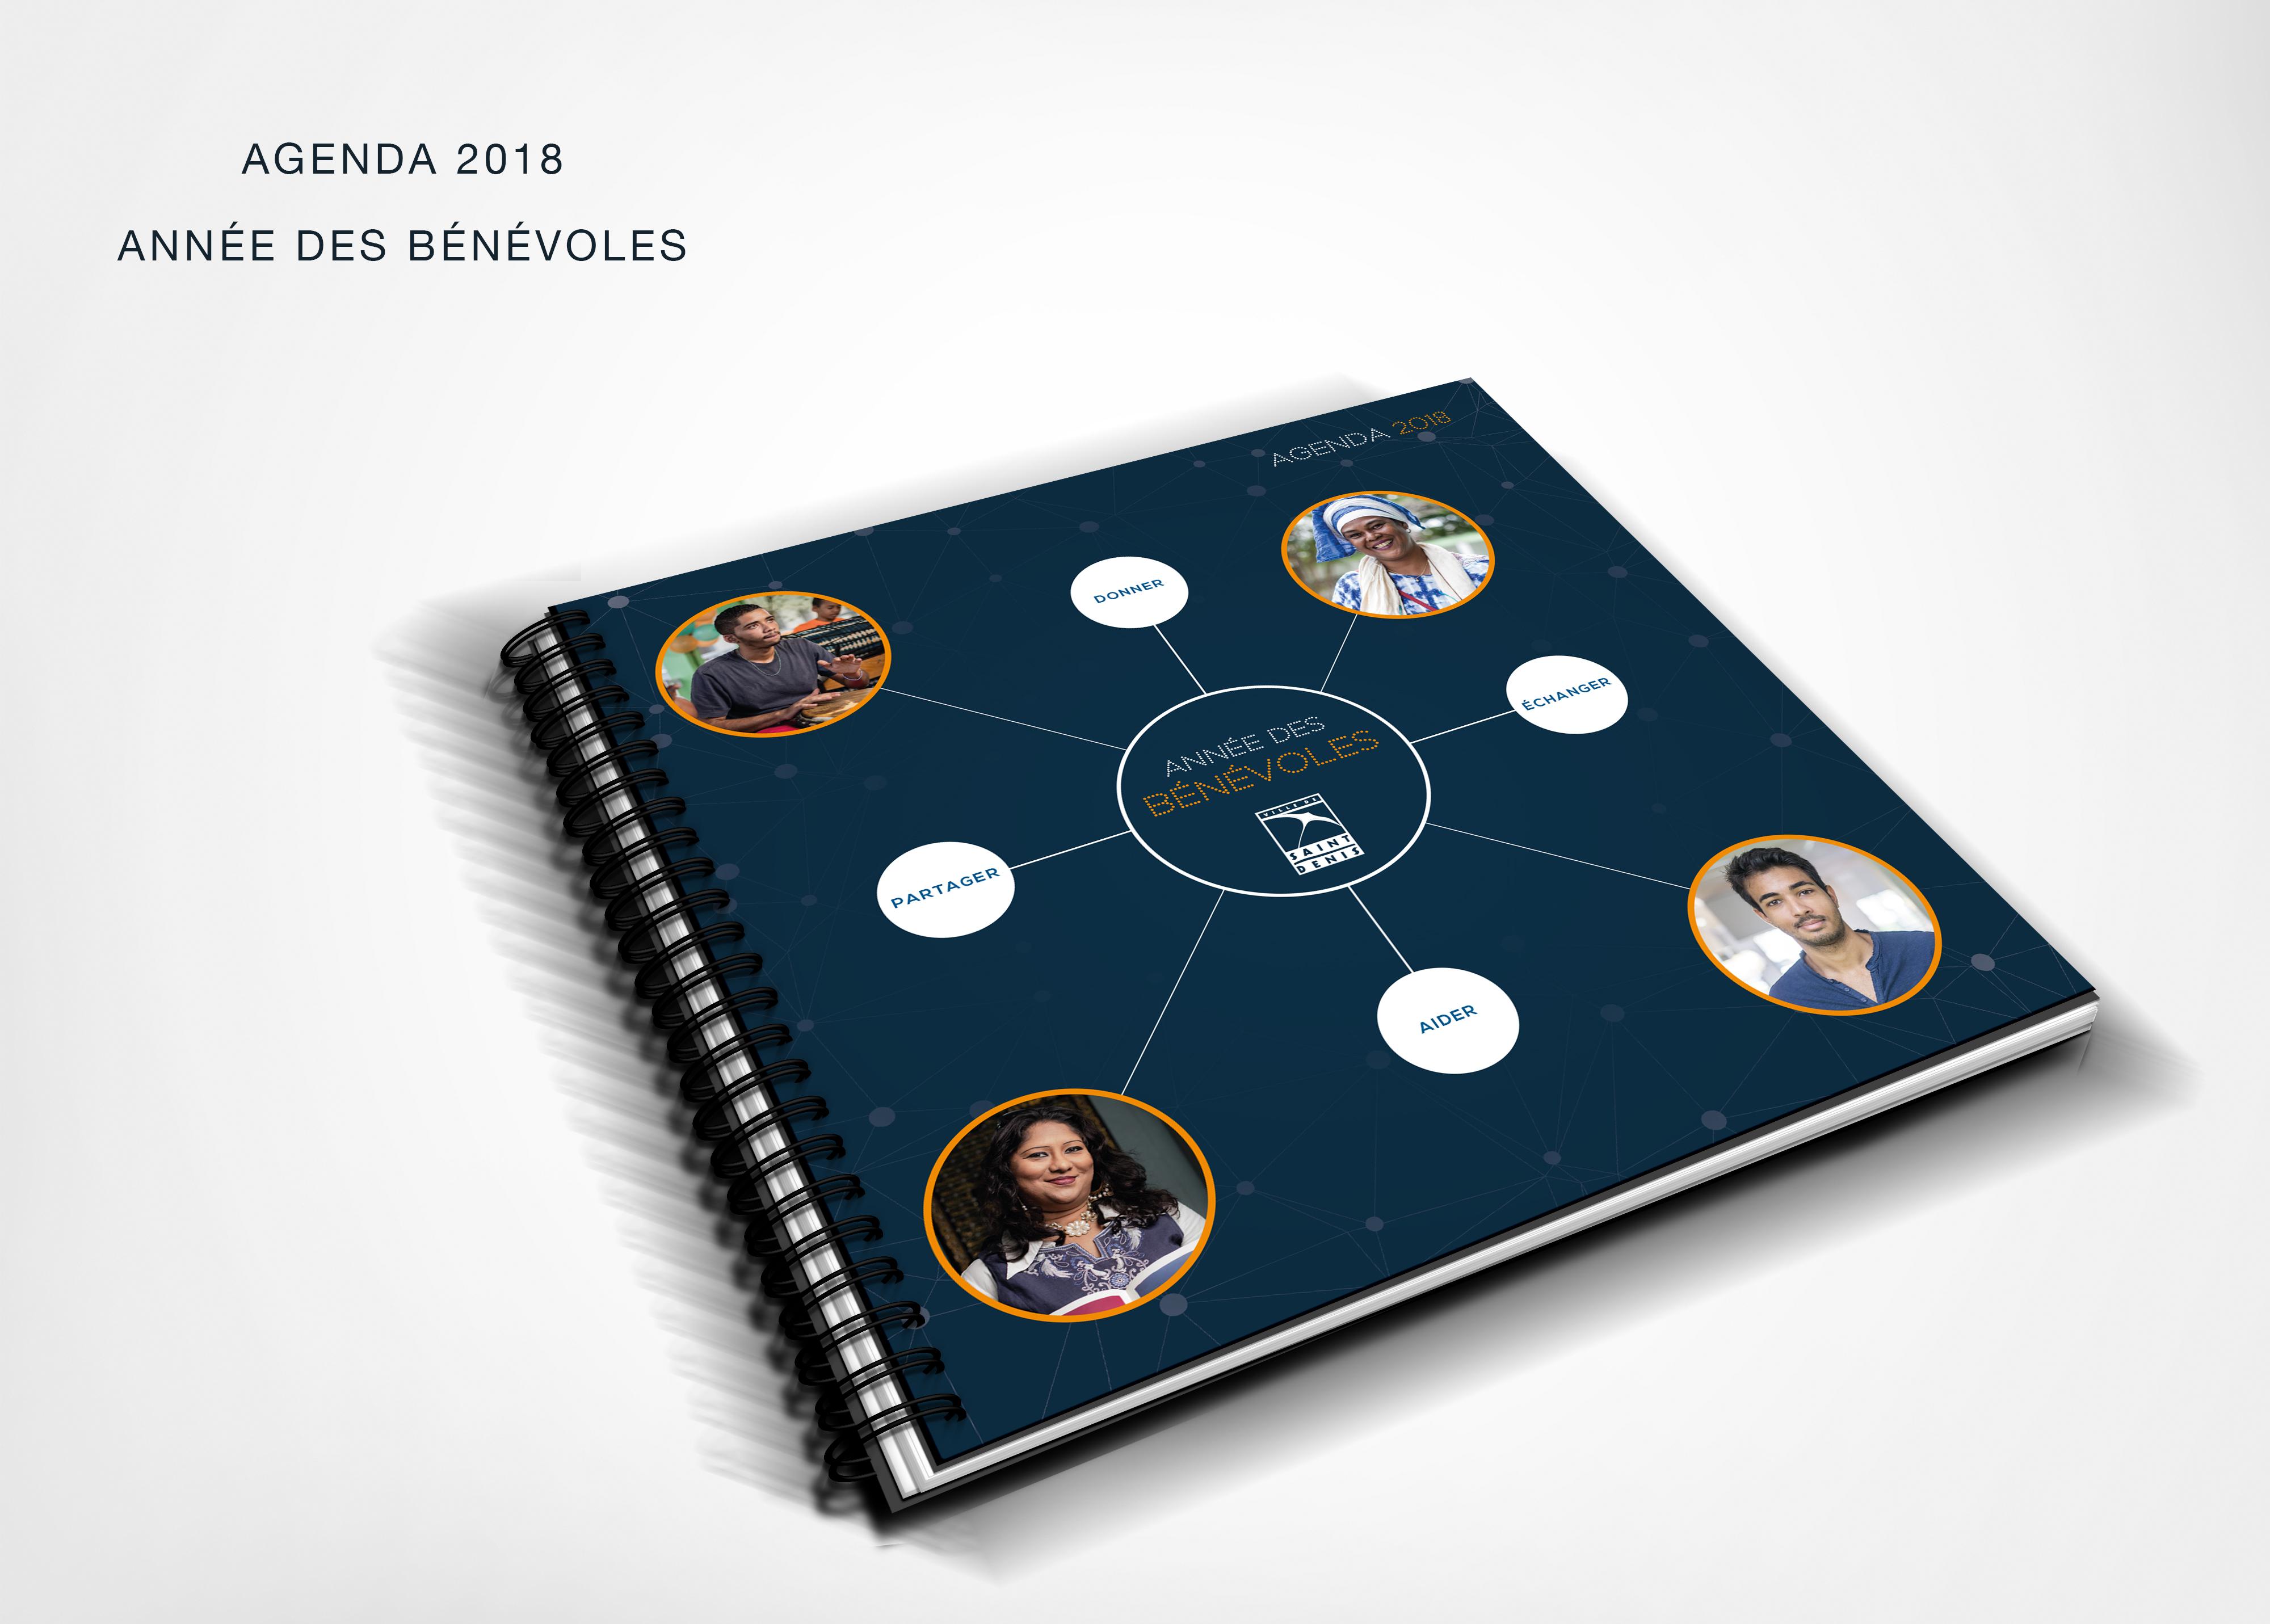 Agenda 2018 - Ville de Saint-Denis